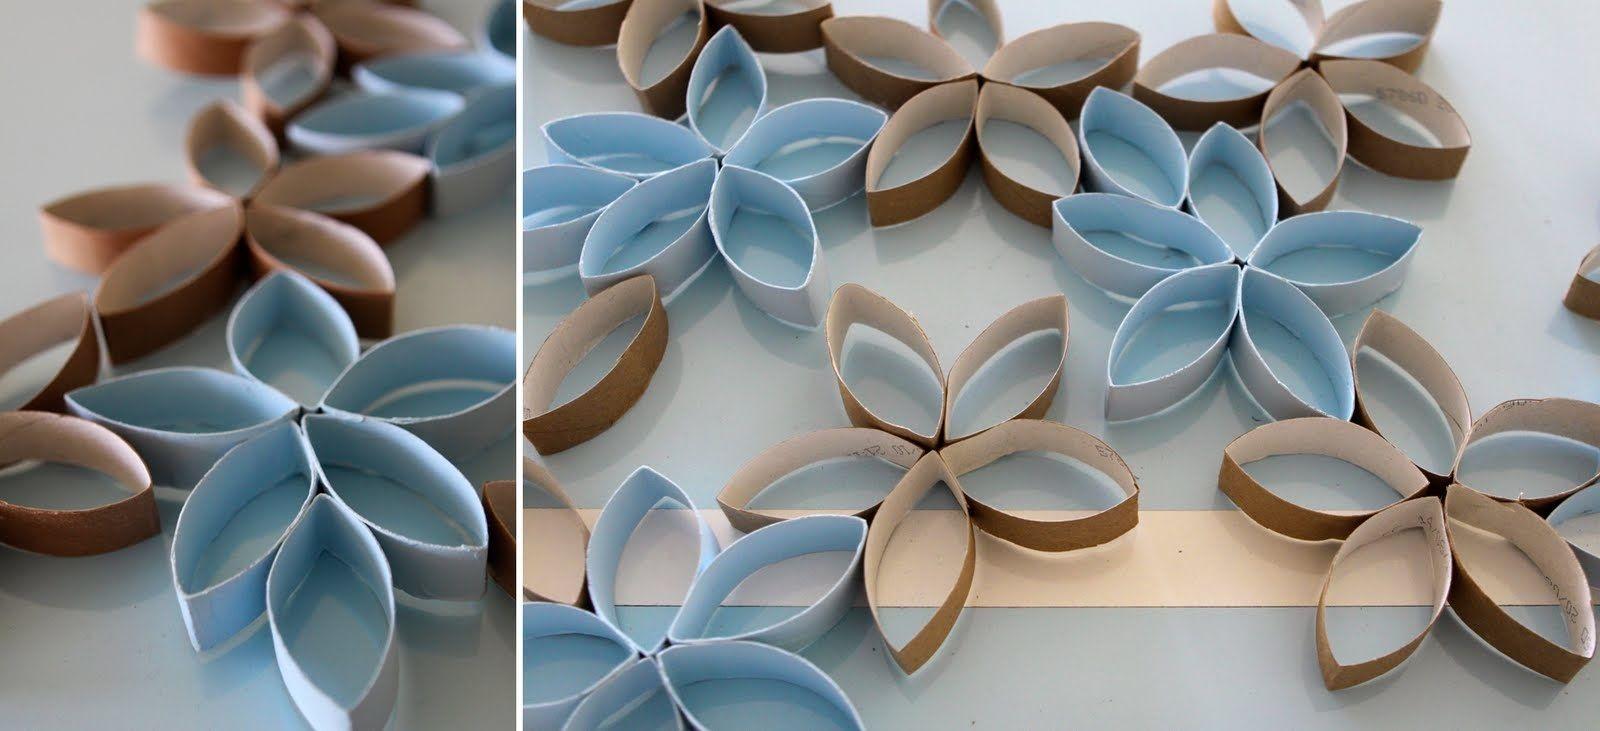 http://tali-schiffer-oren.blogspot.com/2010/09/home-work-tp-flower-project.html